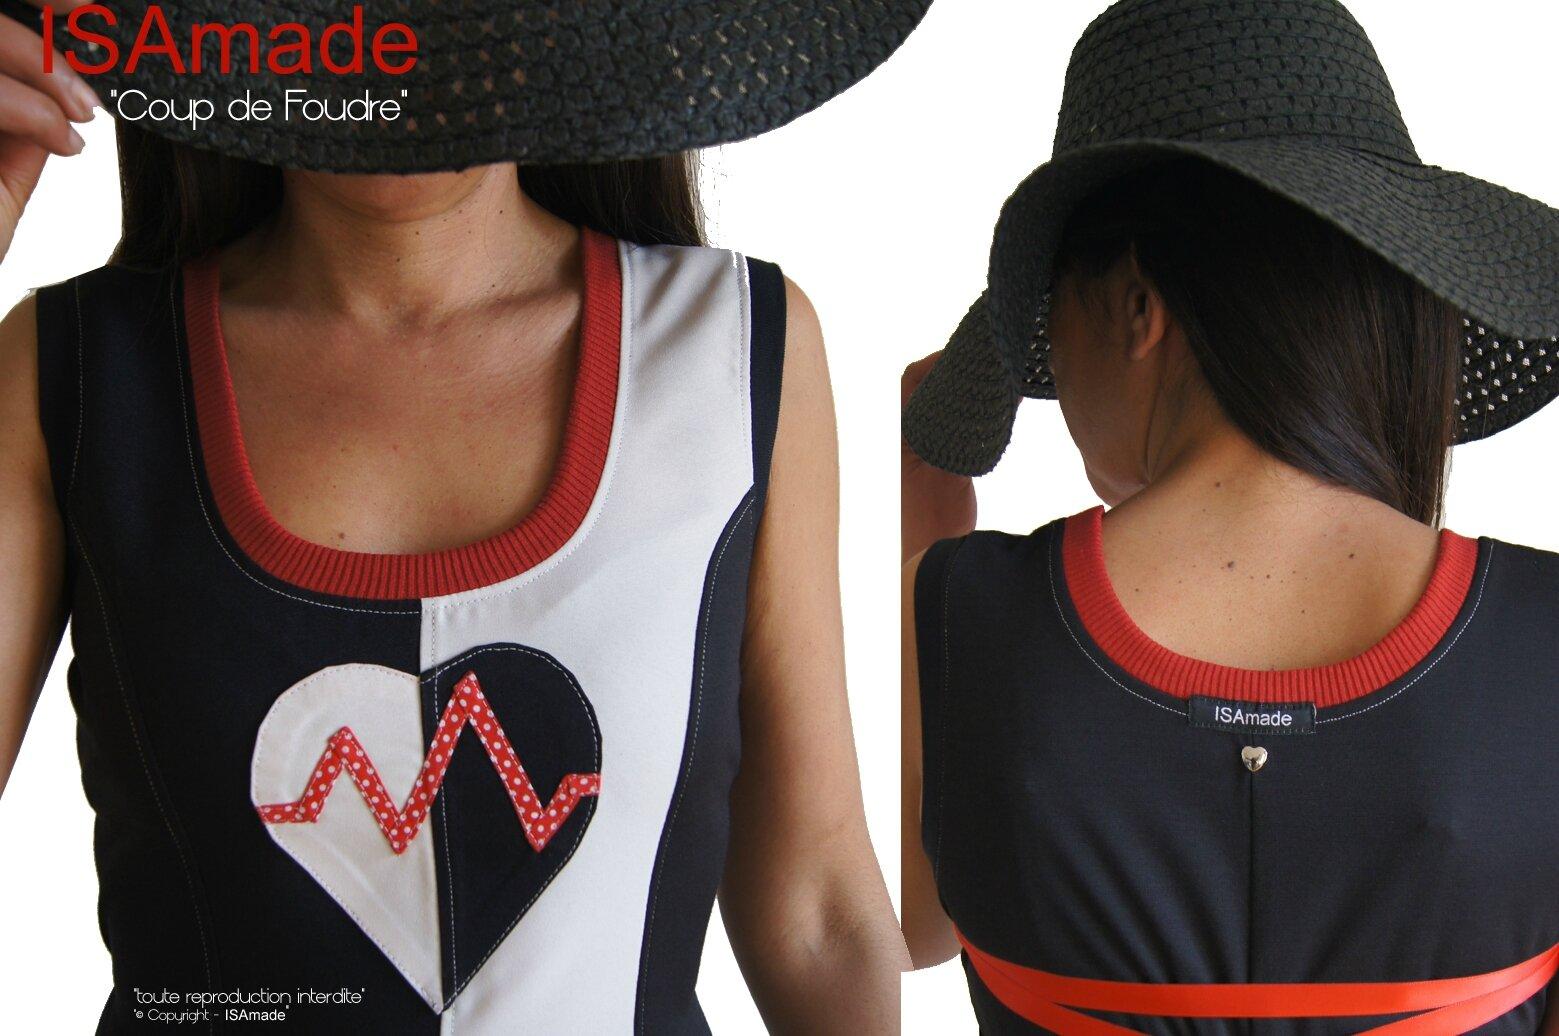 MOD 396D Robe Saint valentin Bicolore noir Blanc écru rouge à pois coeur made in France créateur mode 2016